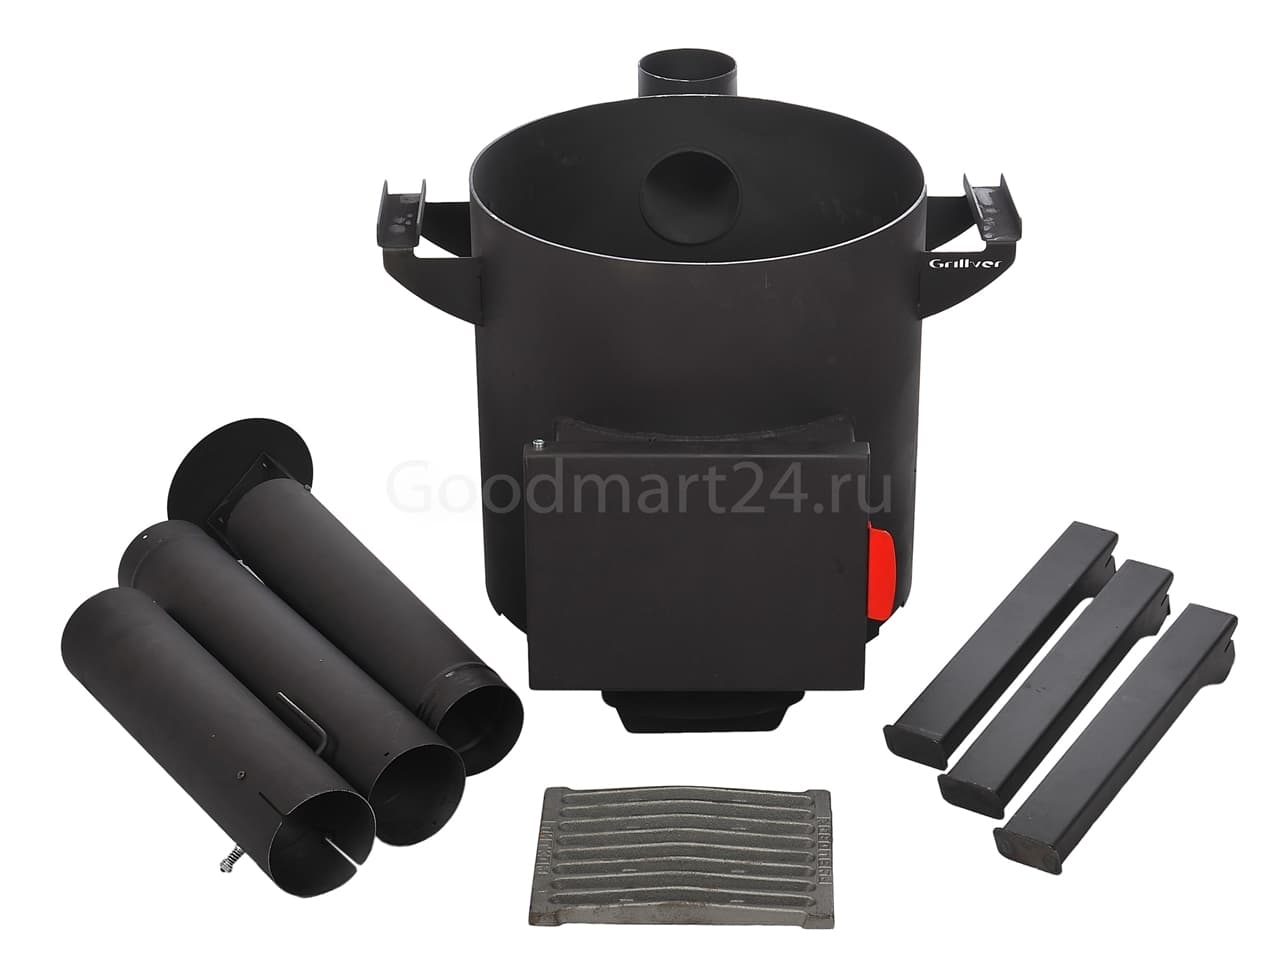 Чугунный казан 12 литров БЛМЗ + печь c трубой, поддувалом Grillver 3 мм. - фото 7214